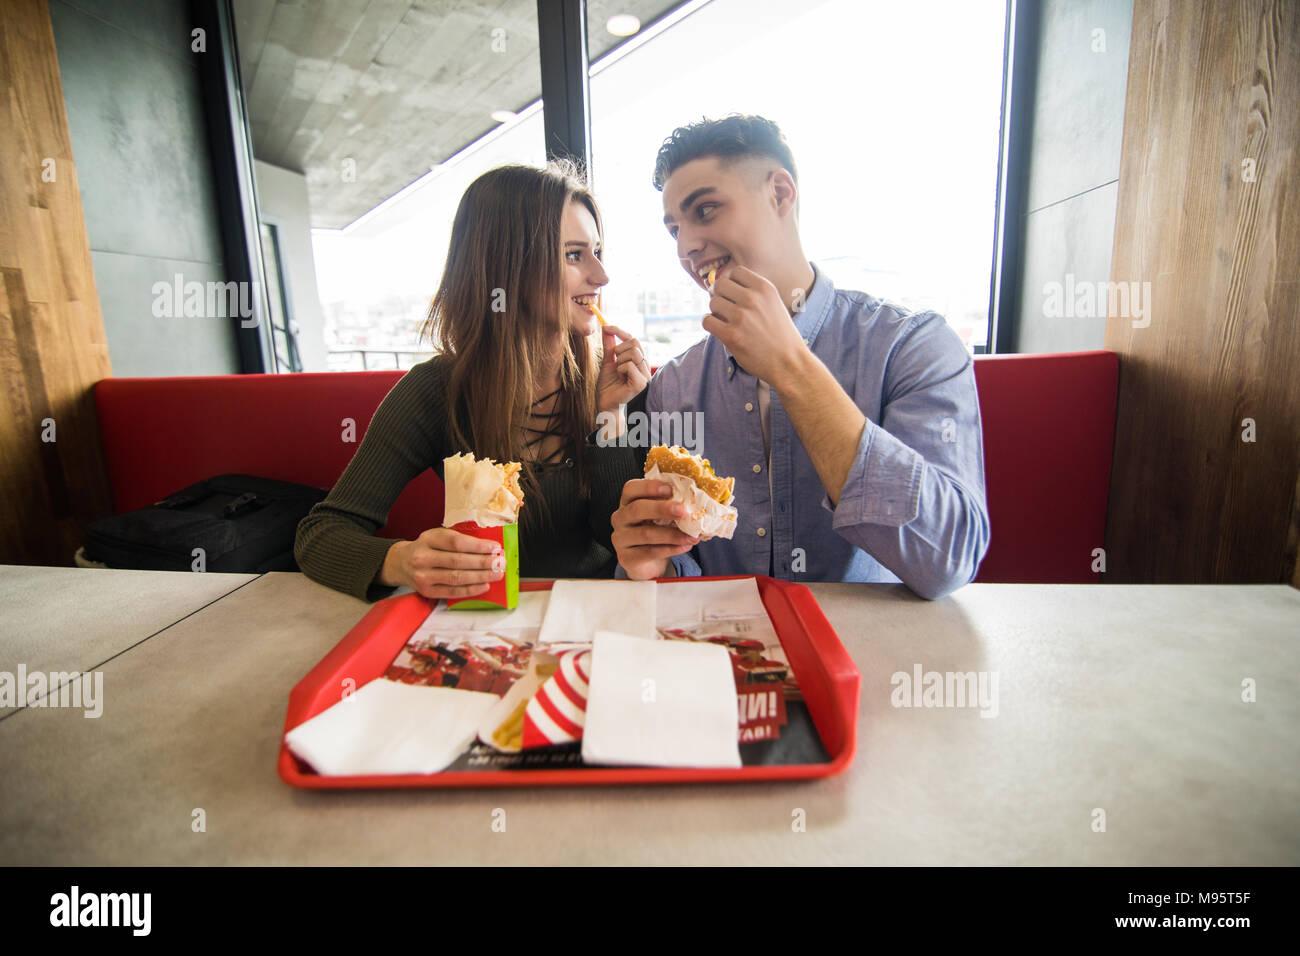 Feliz pareja comer comida rápida Burger y doner en fast food cafe Imagen De Stock